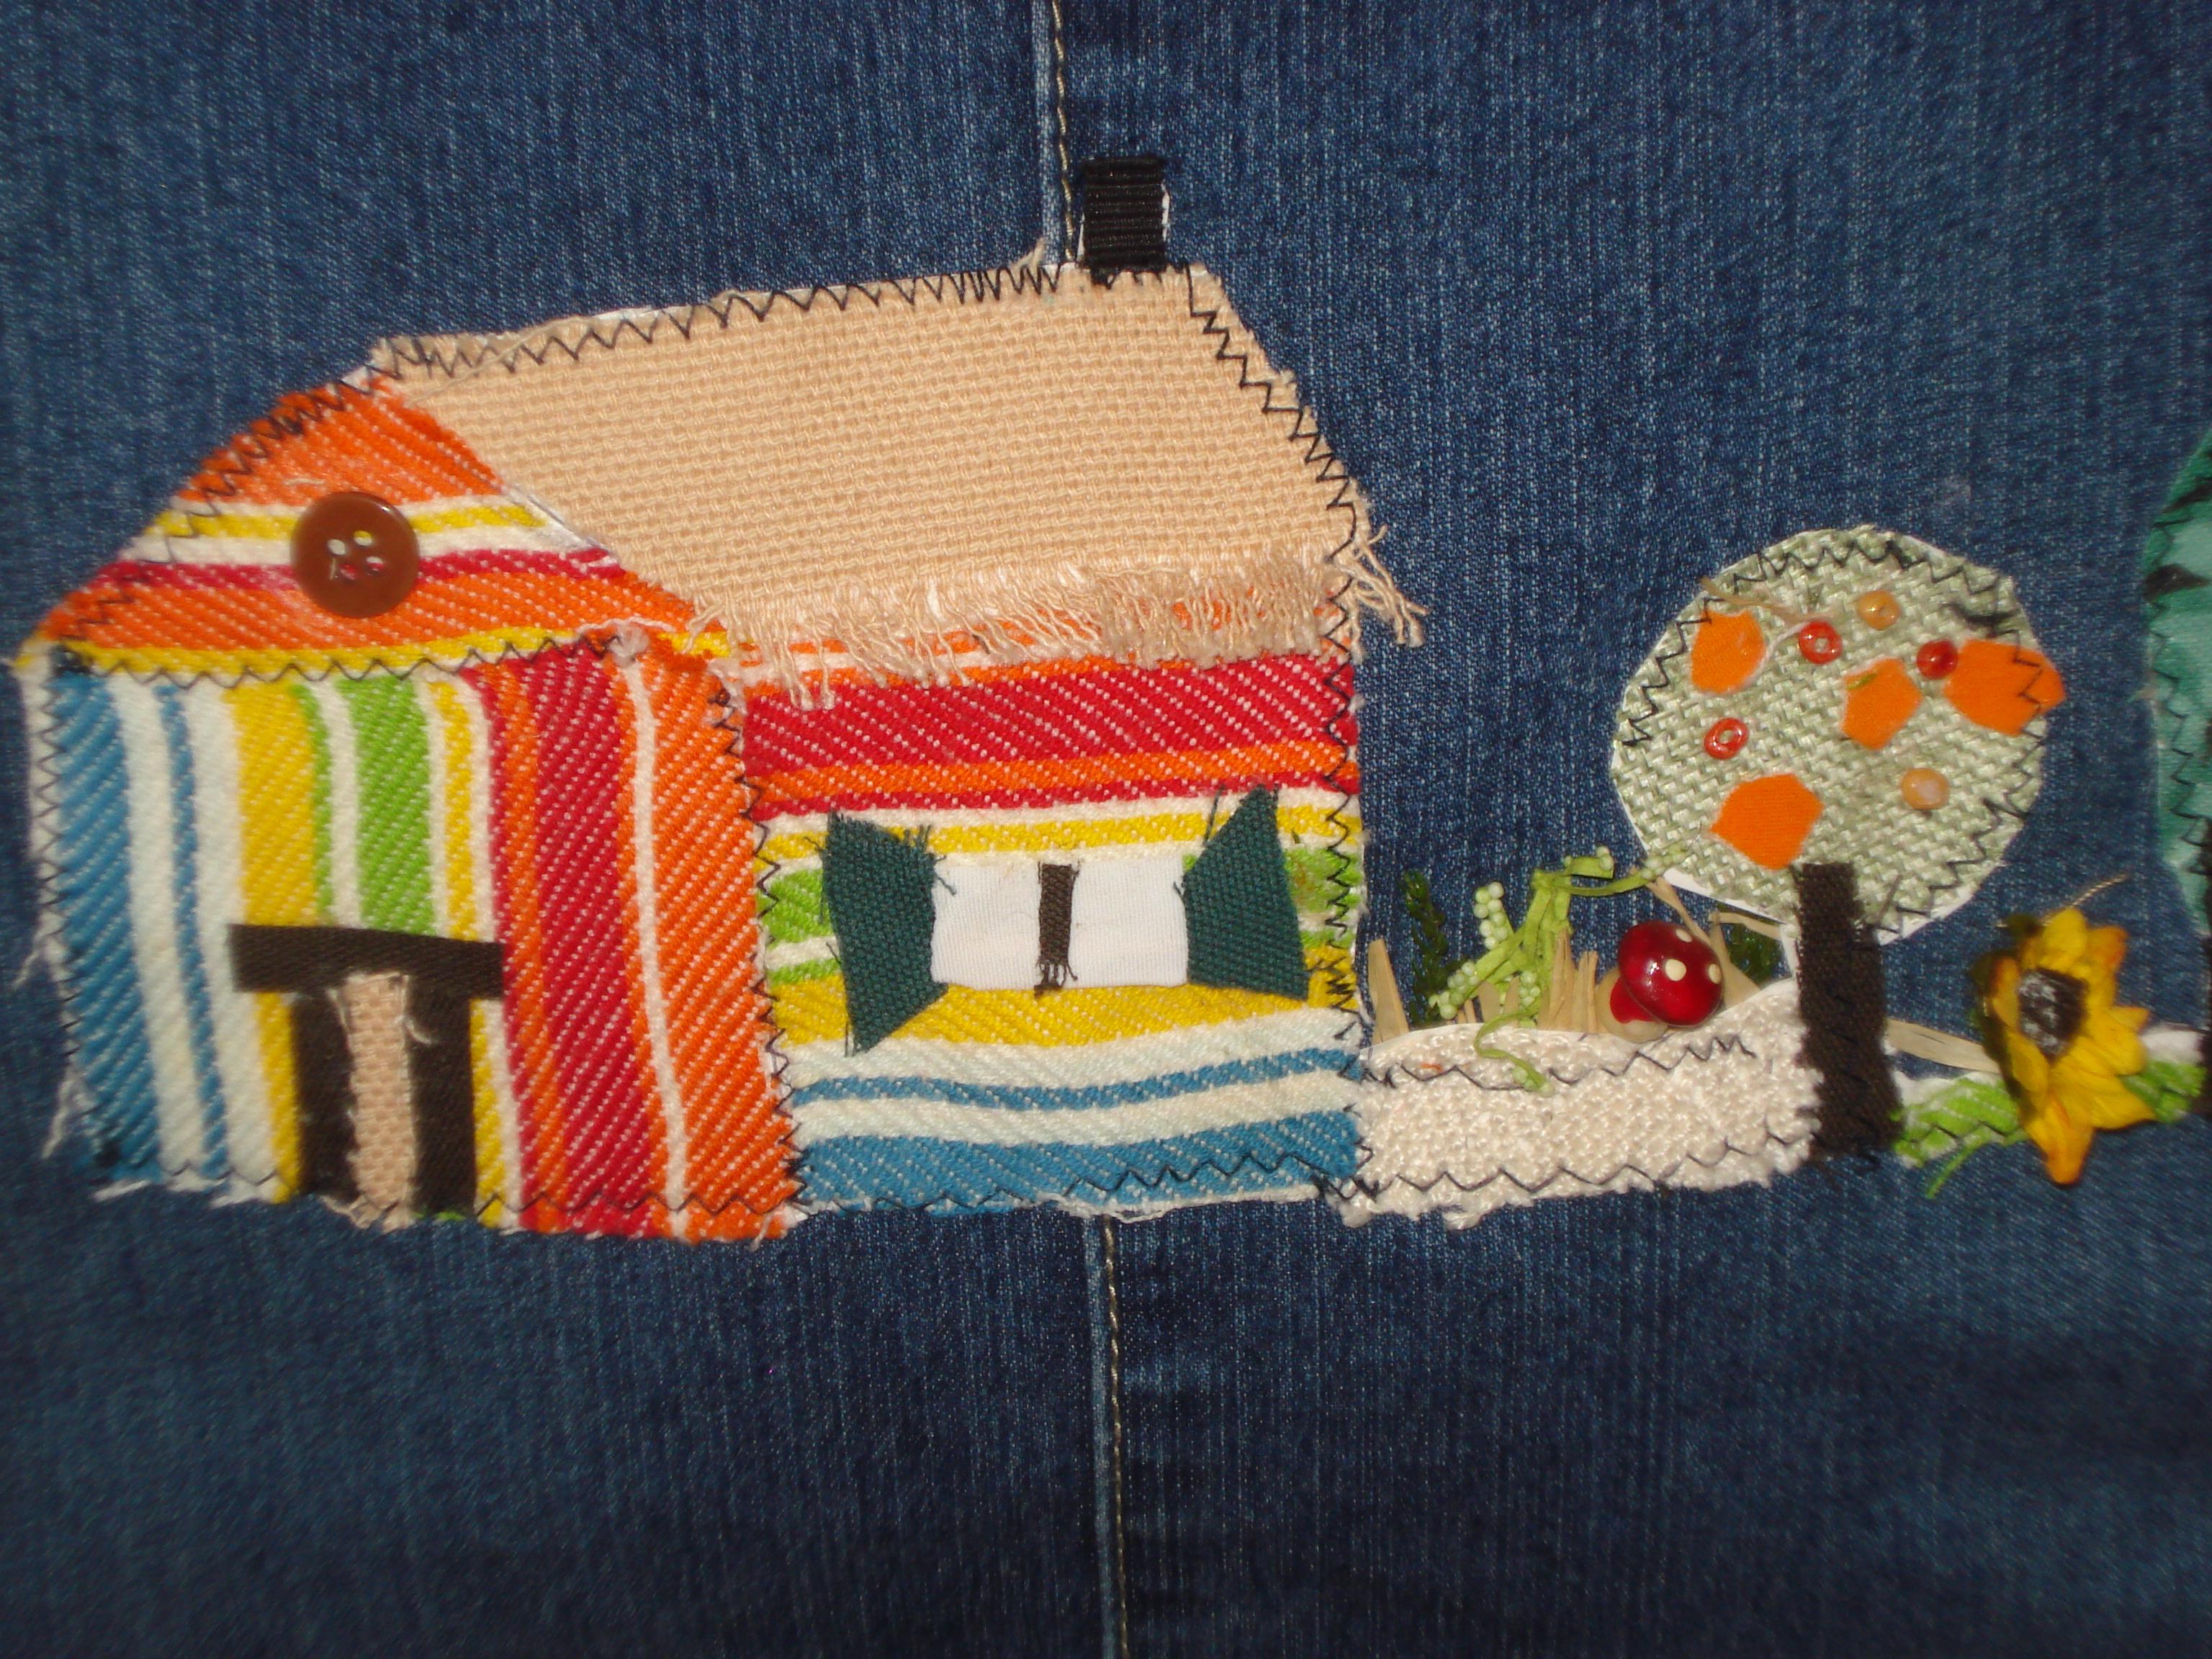 Particolare borsa di jeans creazioni fai da te galleria di lifespace - Creazioni fai da te per la casa ...